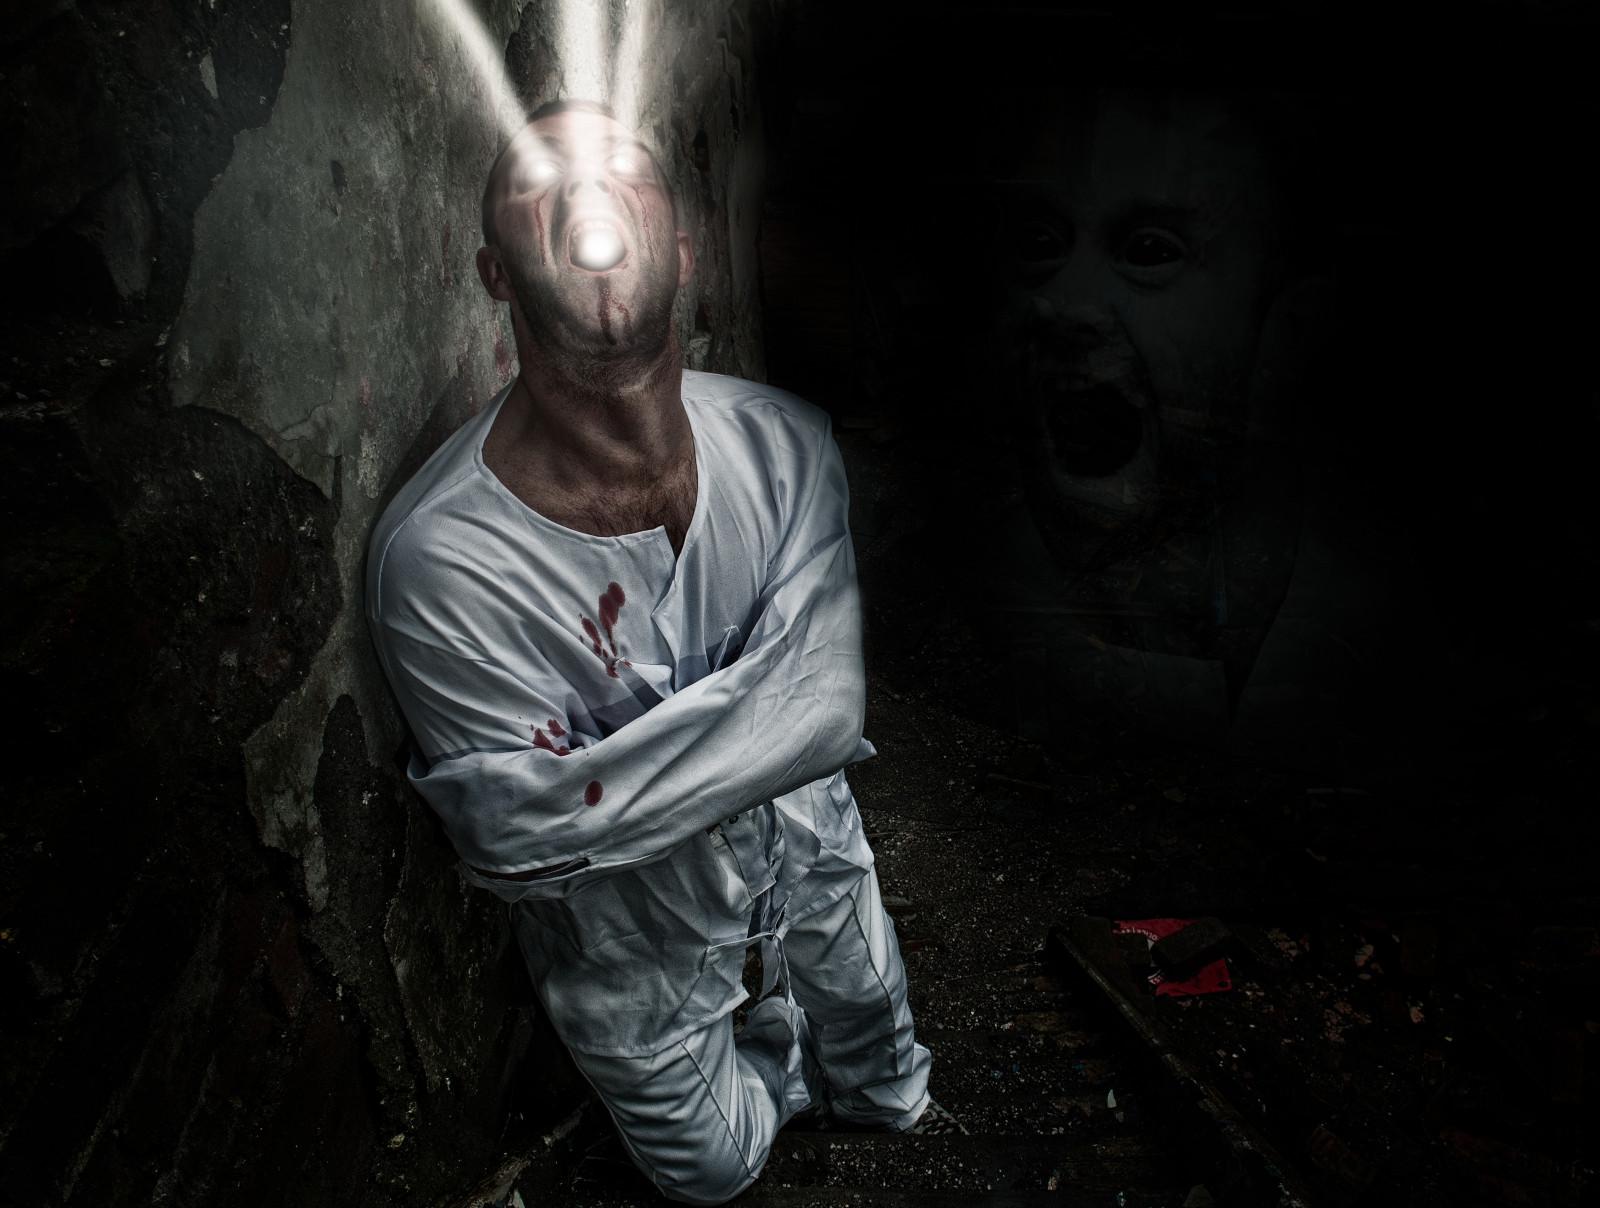 karanlıkta insanlar resim ile ilgili görsel sonucu